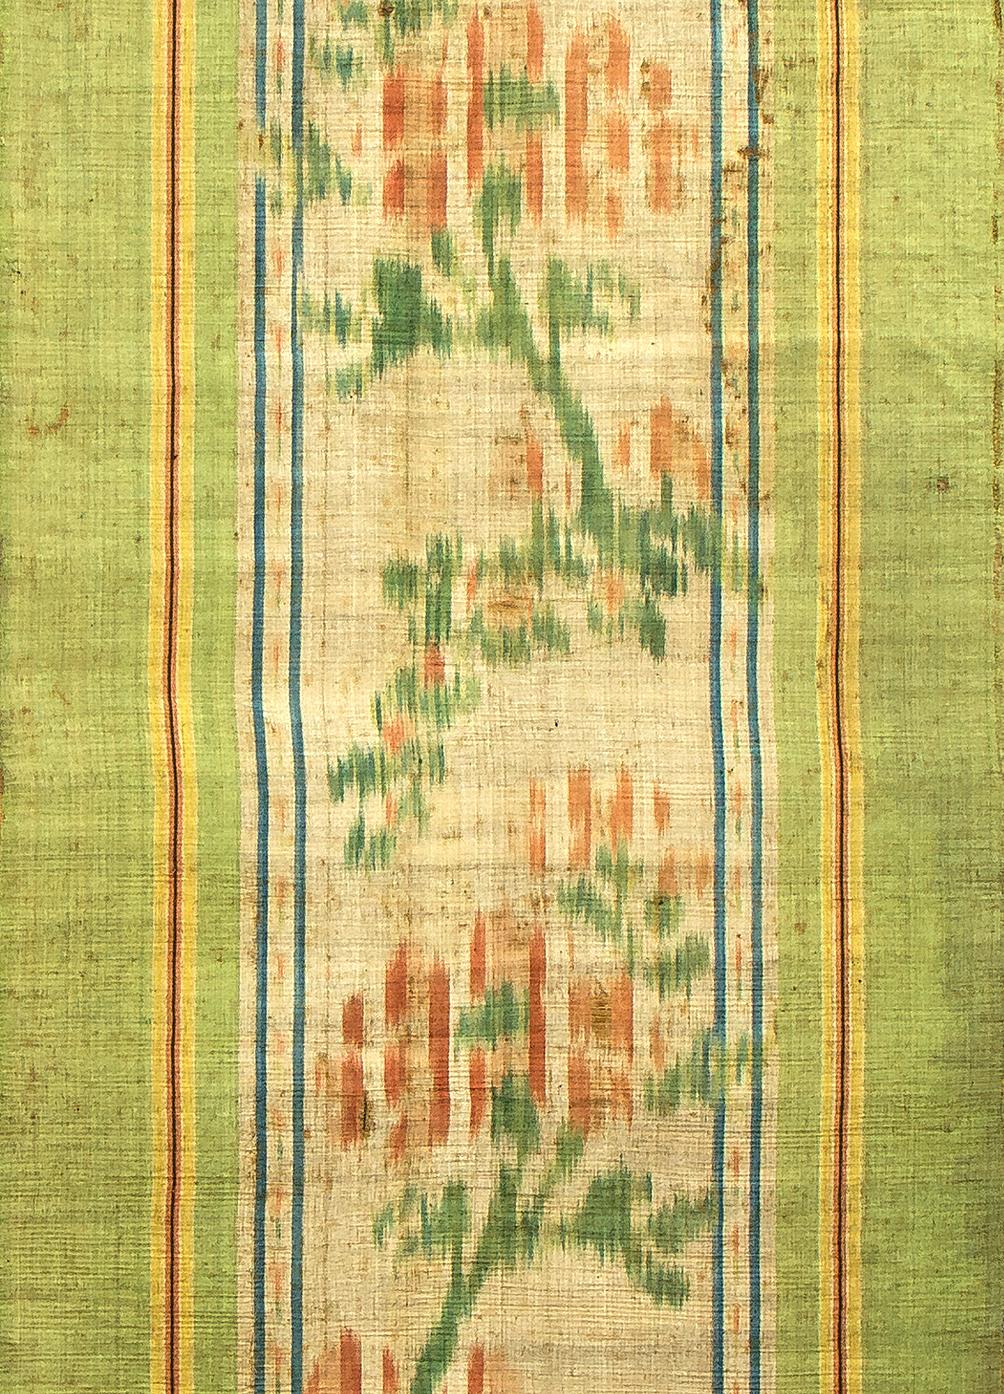 Chiné à la branche, détail d'un pan de rideau, satin de soie, ikat chaîne, sans doute Lyon, 2nde moitié du XVIIIe siècle. Photo Rémy Prin